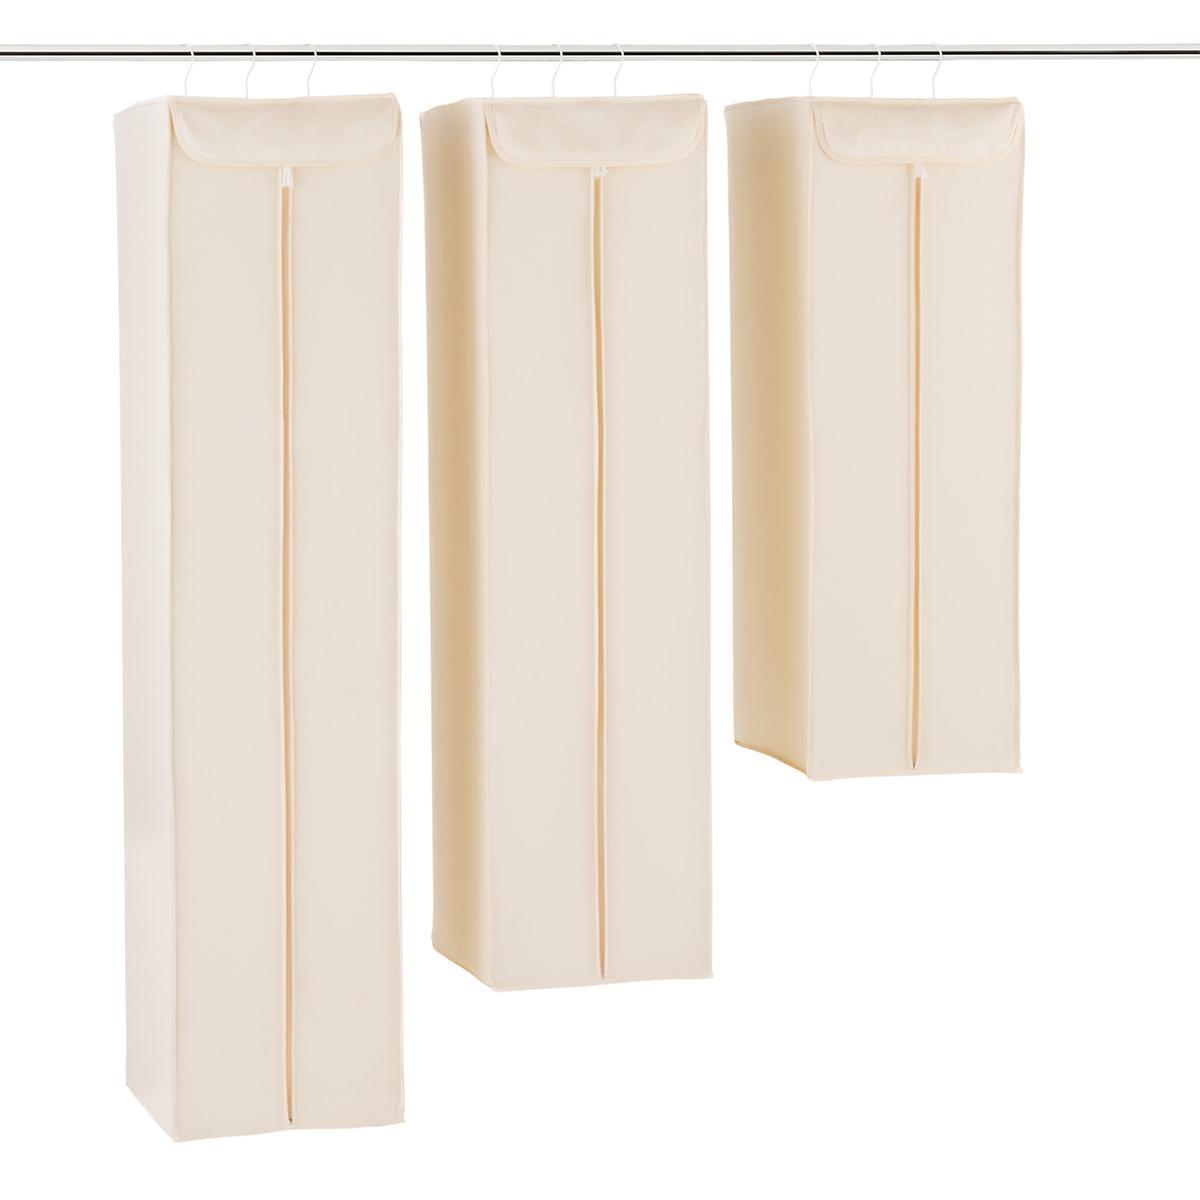 Hanging Garment Storage Bag Best Storage Design 2017